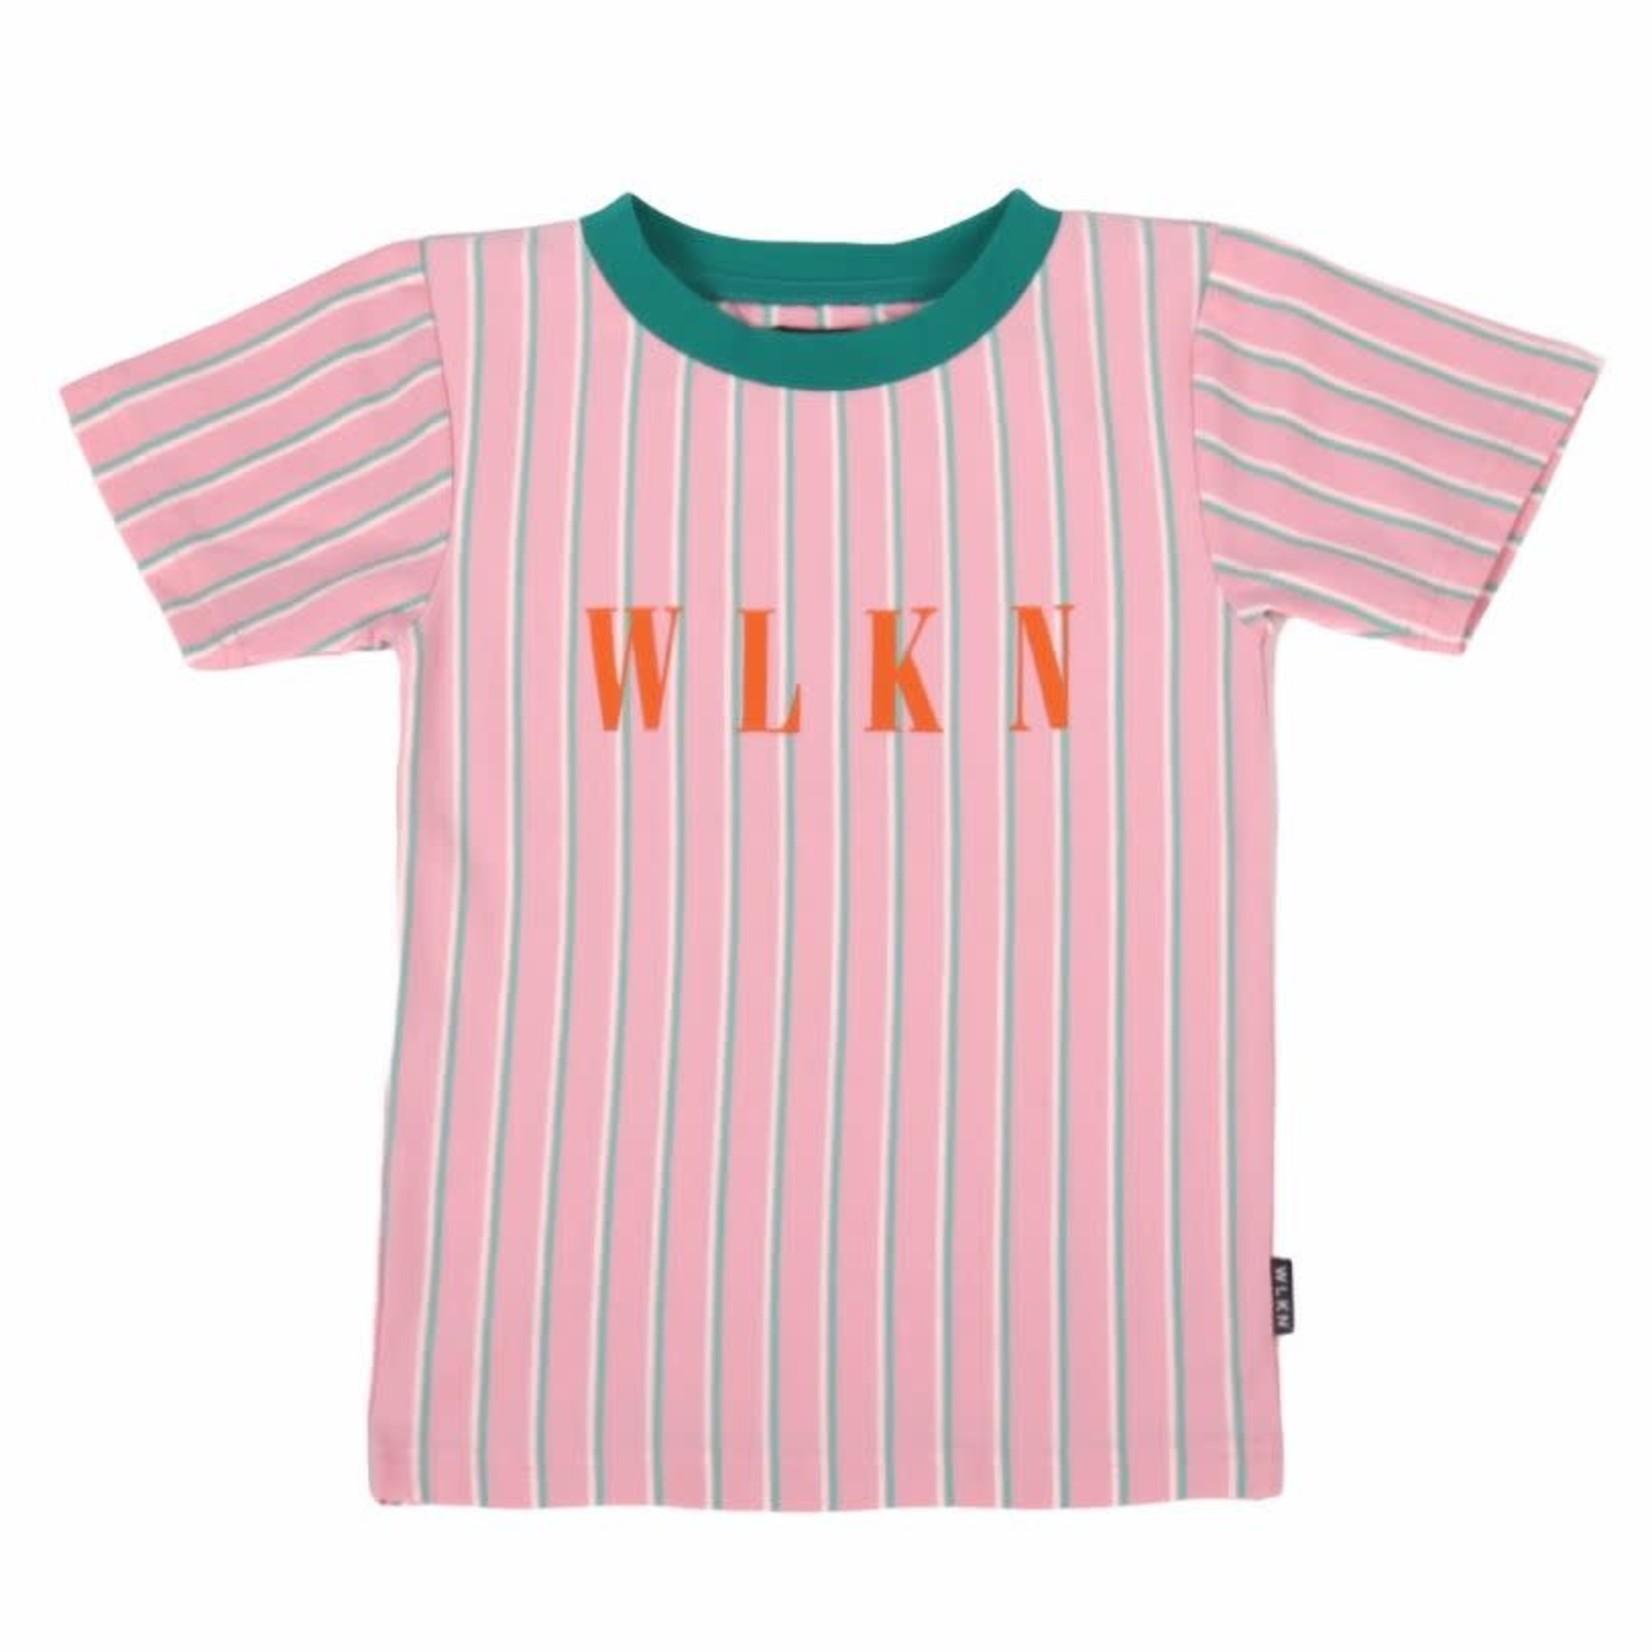 WLKN Junior Lined T-Shirt